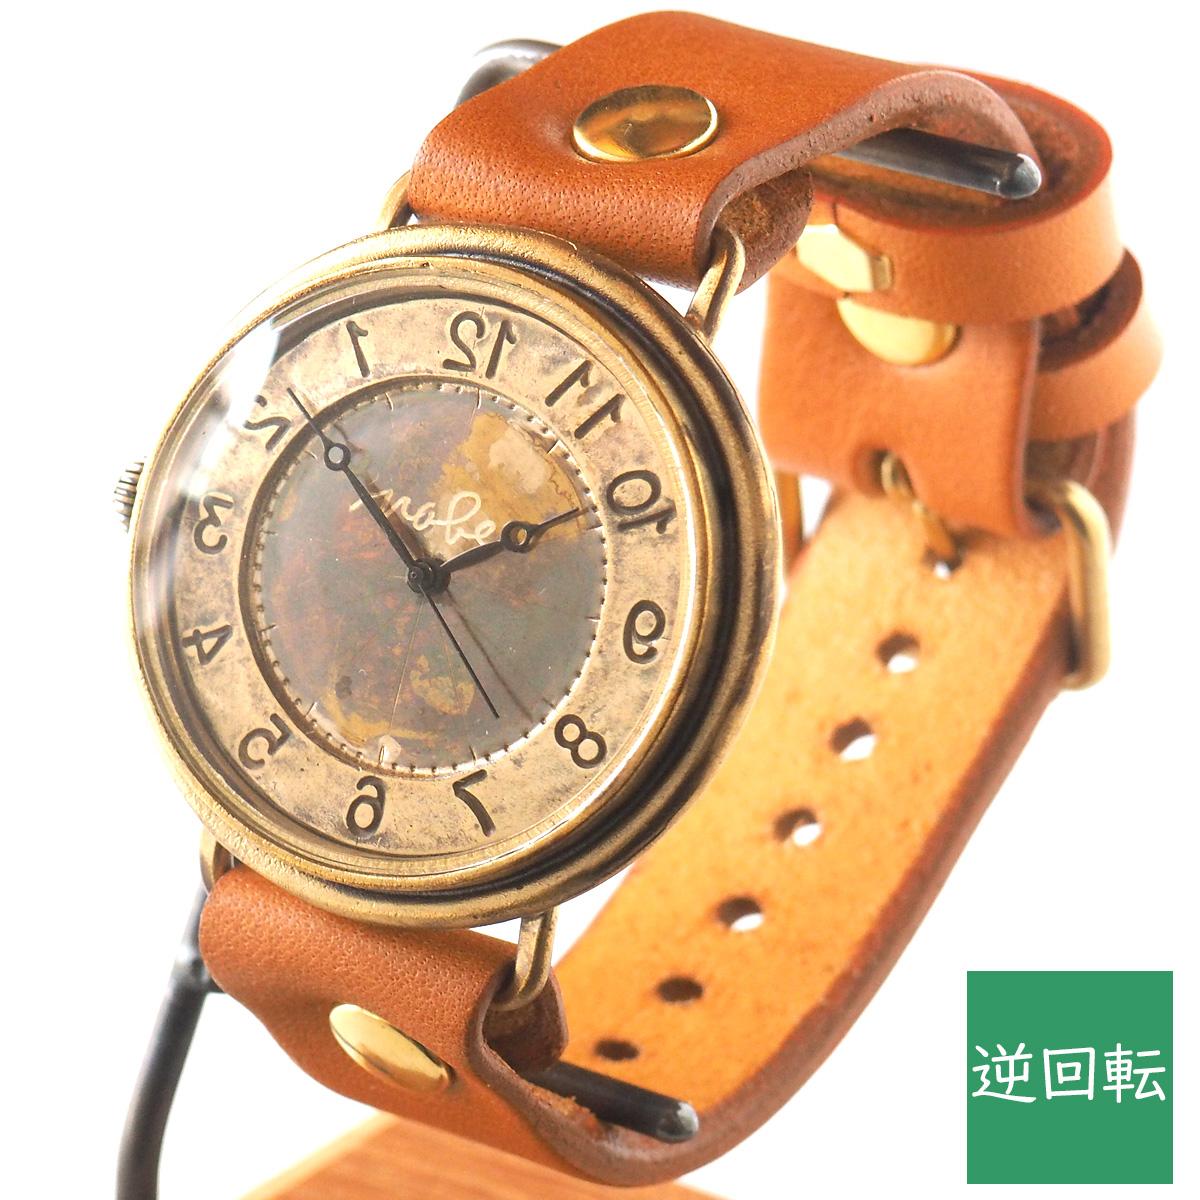 """渡辺工房 手作り腕時計 ジャンボブラス """"GIGANT-B-Rev"""" 逆回転 [NW-JUM129REV] 時計作家 渡辺正明 ハンドメイドウォッチ 手作り時計 ハンドメイド腕時計 真鍮 反対回り 左回り 逆回り 珍しい シンプル アナログ レトロ 脳トレ 逆転の発想 リバース 日本製 刻印・名入れ無料"""